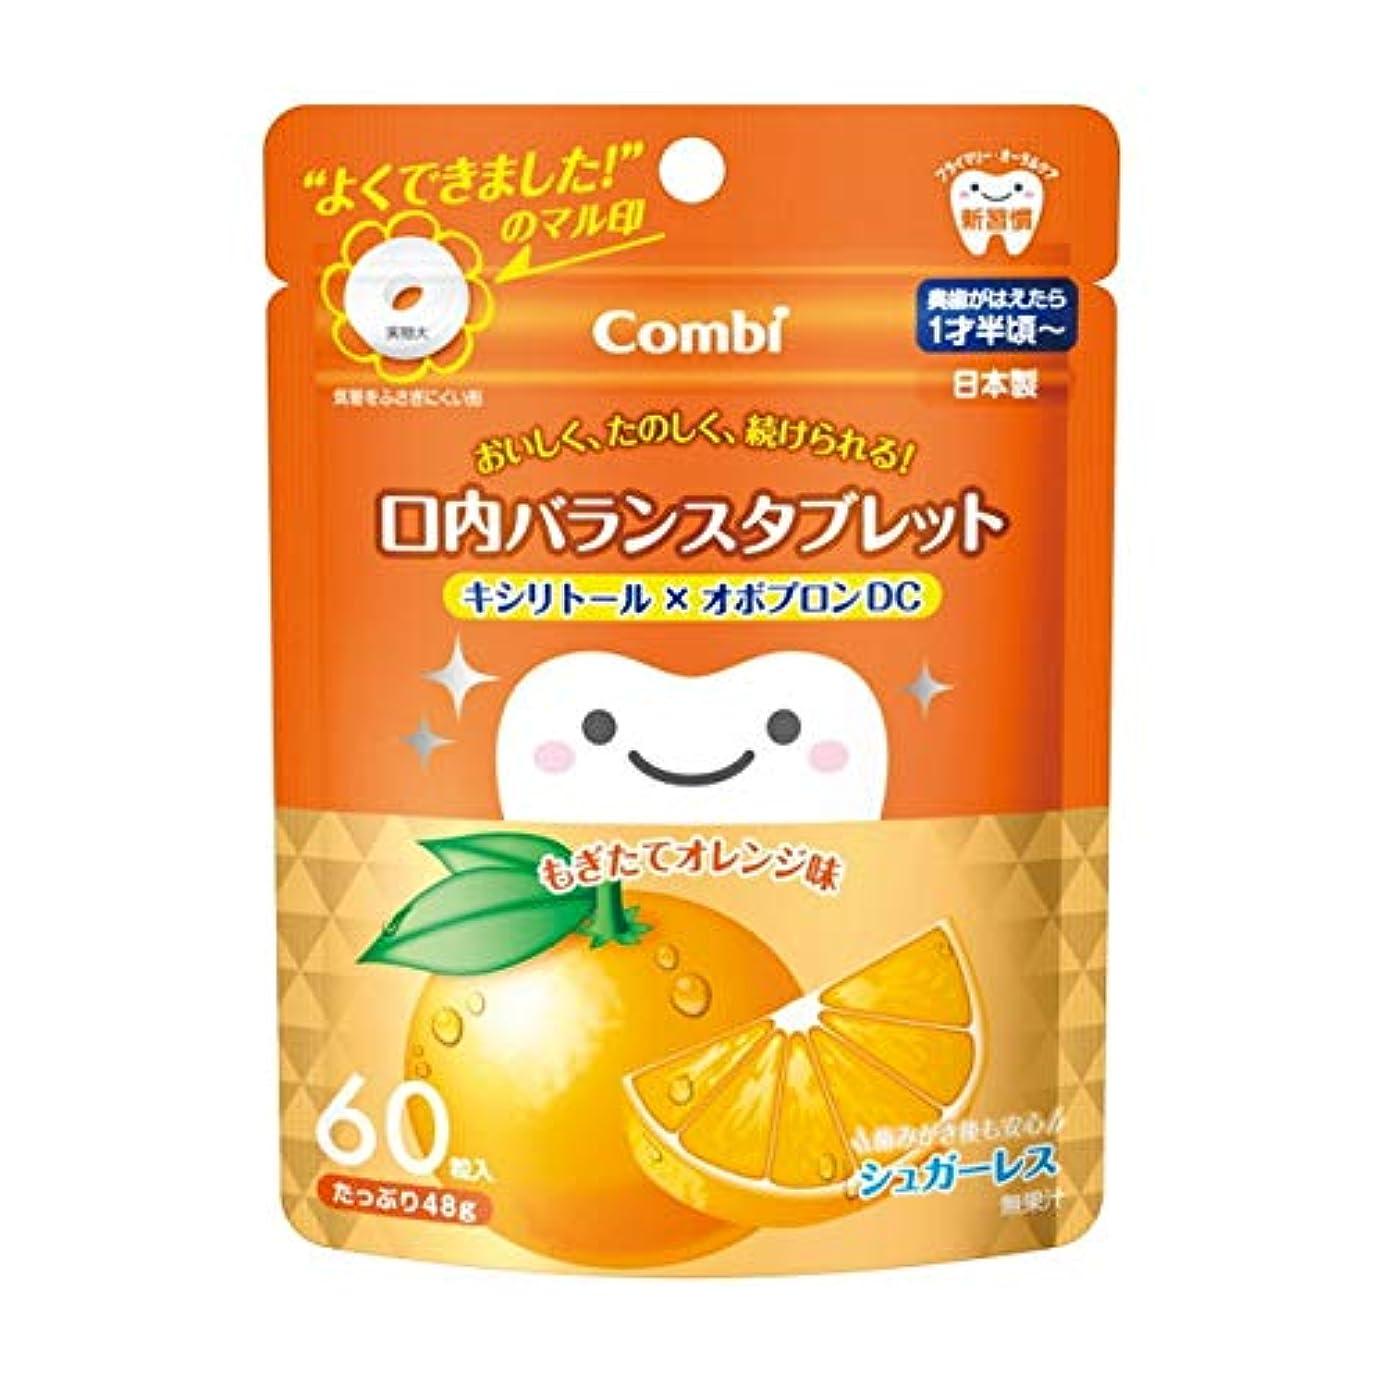 絶滅少数俳優テテオ 口内バランスタブレット(オレンジ) 60粒